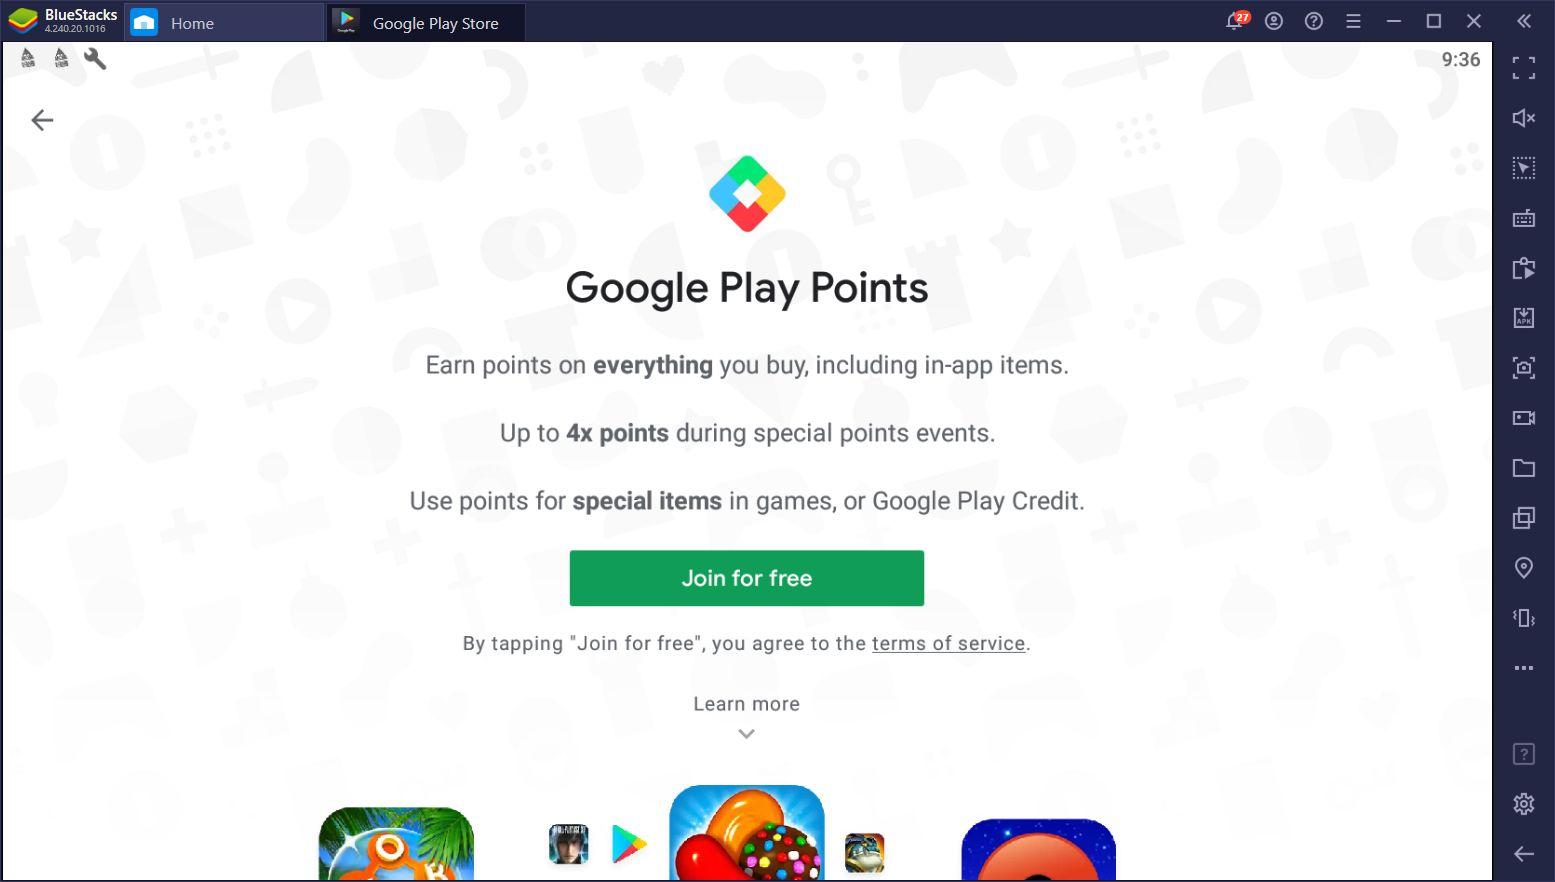 Google Play Points – Cómo Obtener e Intercambiar Estos Puntos Por Servicios Gratuitos en tus Juegos de Android Favoritos